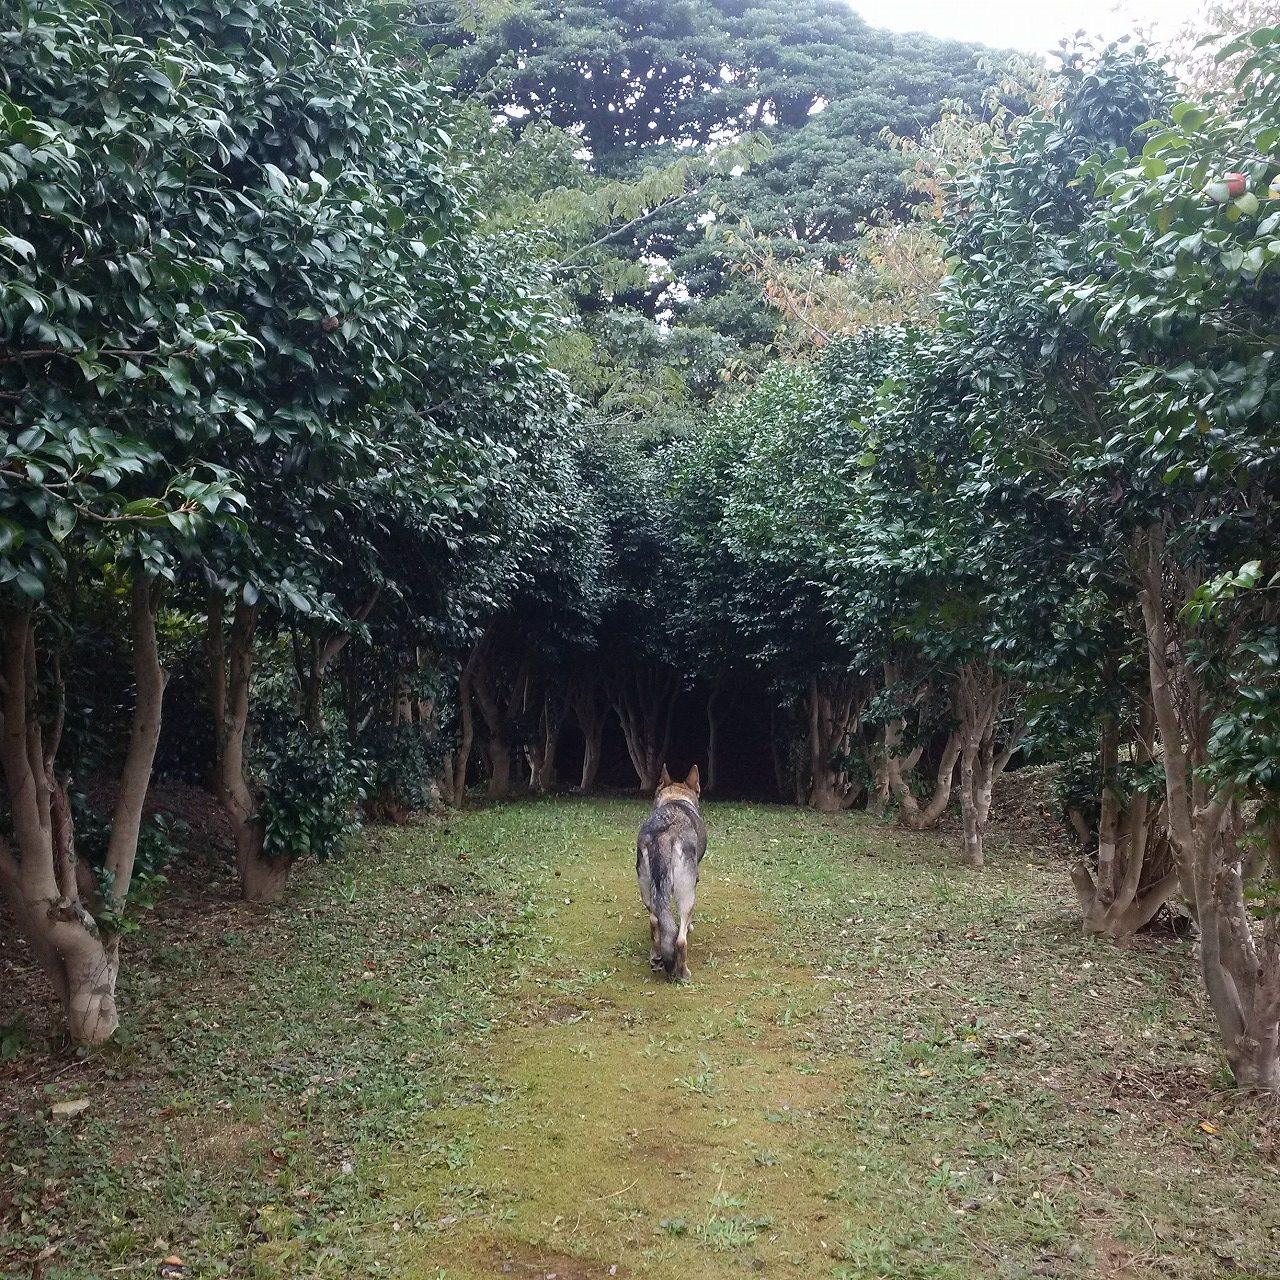 一度入ったら出れなさそうな森の中に入っていくジャーマンシェパード